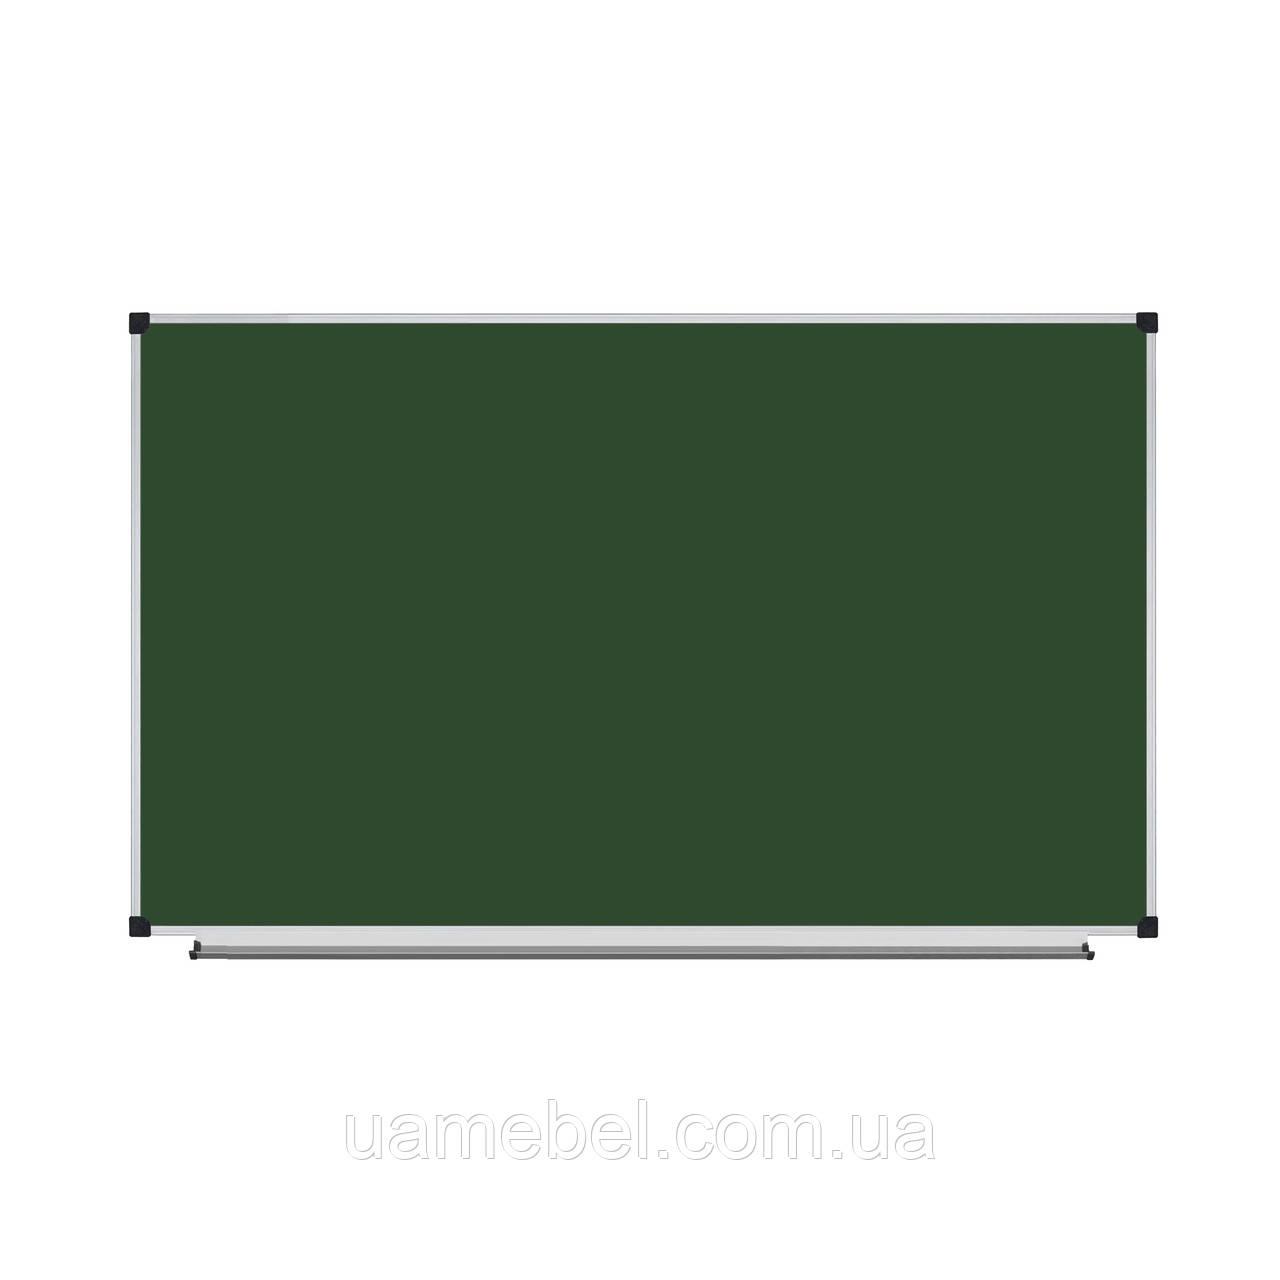 Школьная доска магнитная меловая 180х120 см, фото 1